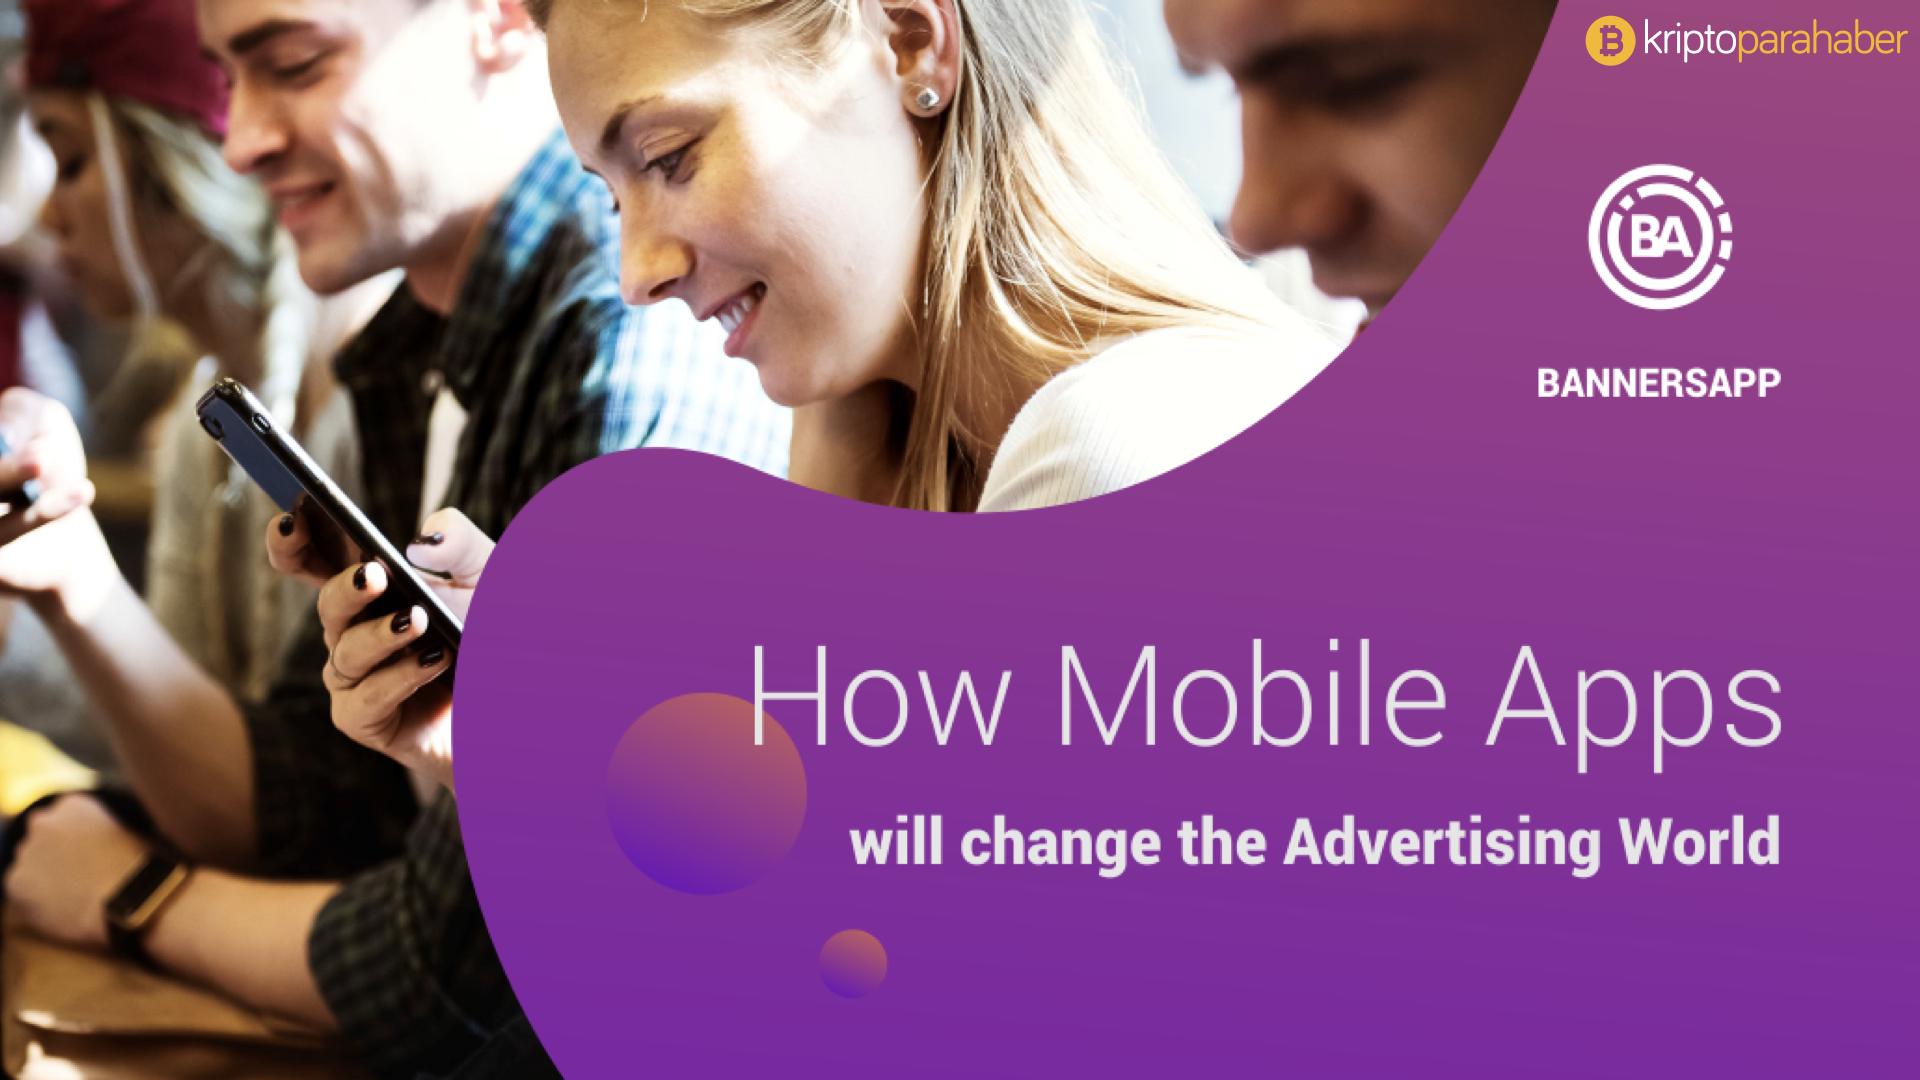 Banners App reklamcılık dünyasını baştan yazacak. EasyVisual katkılarıyla.